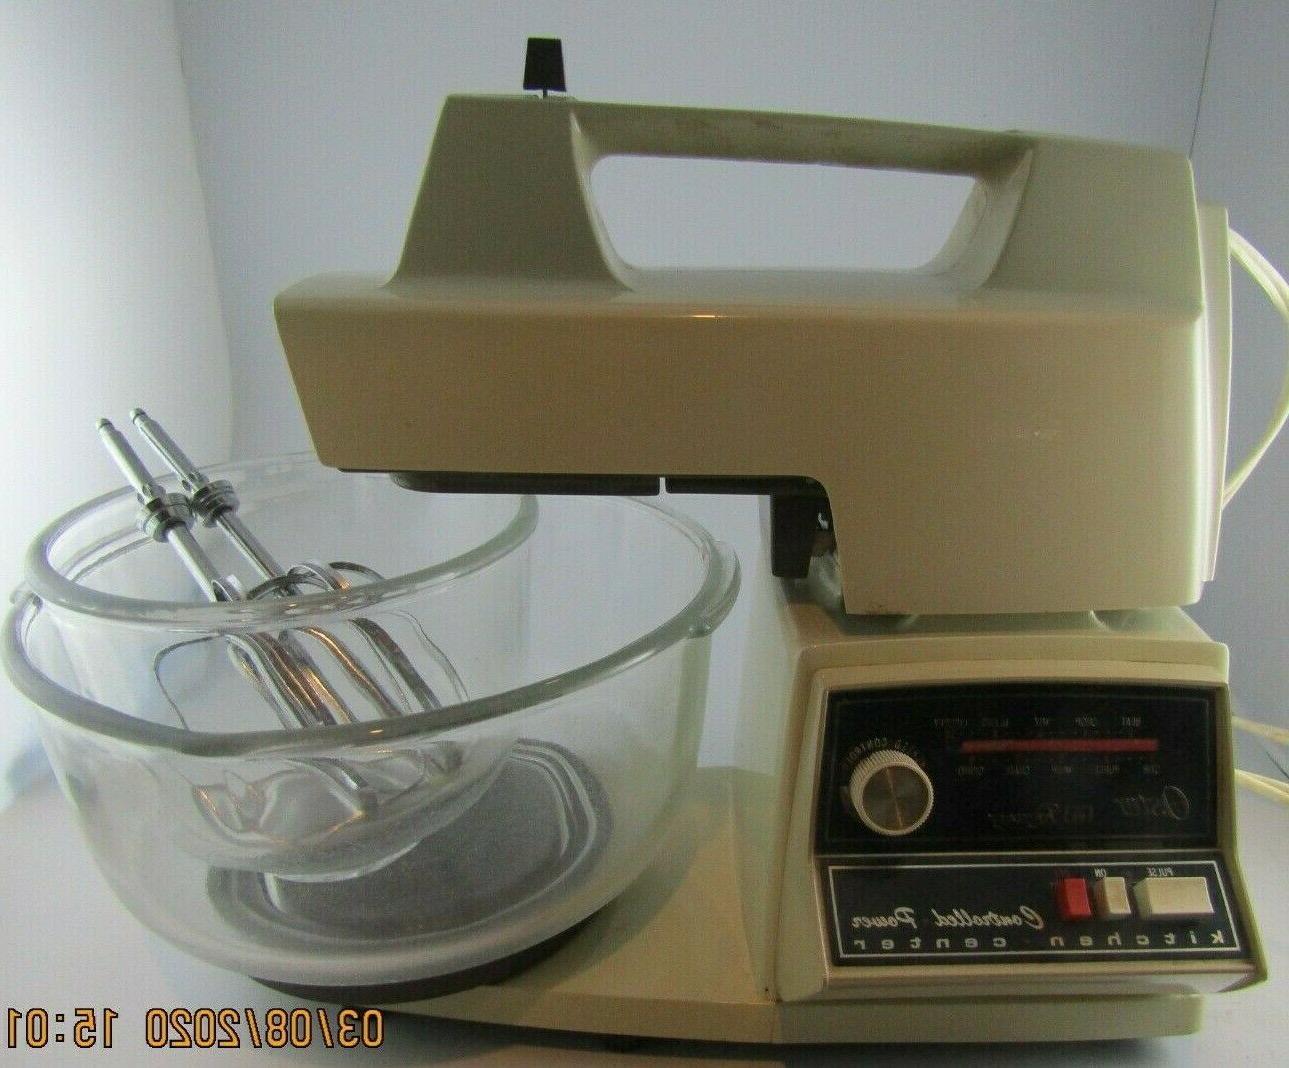 vtg regency mixer with 2 original glass